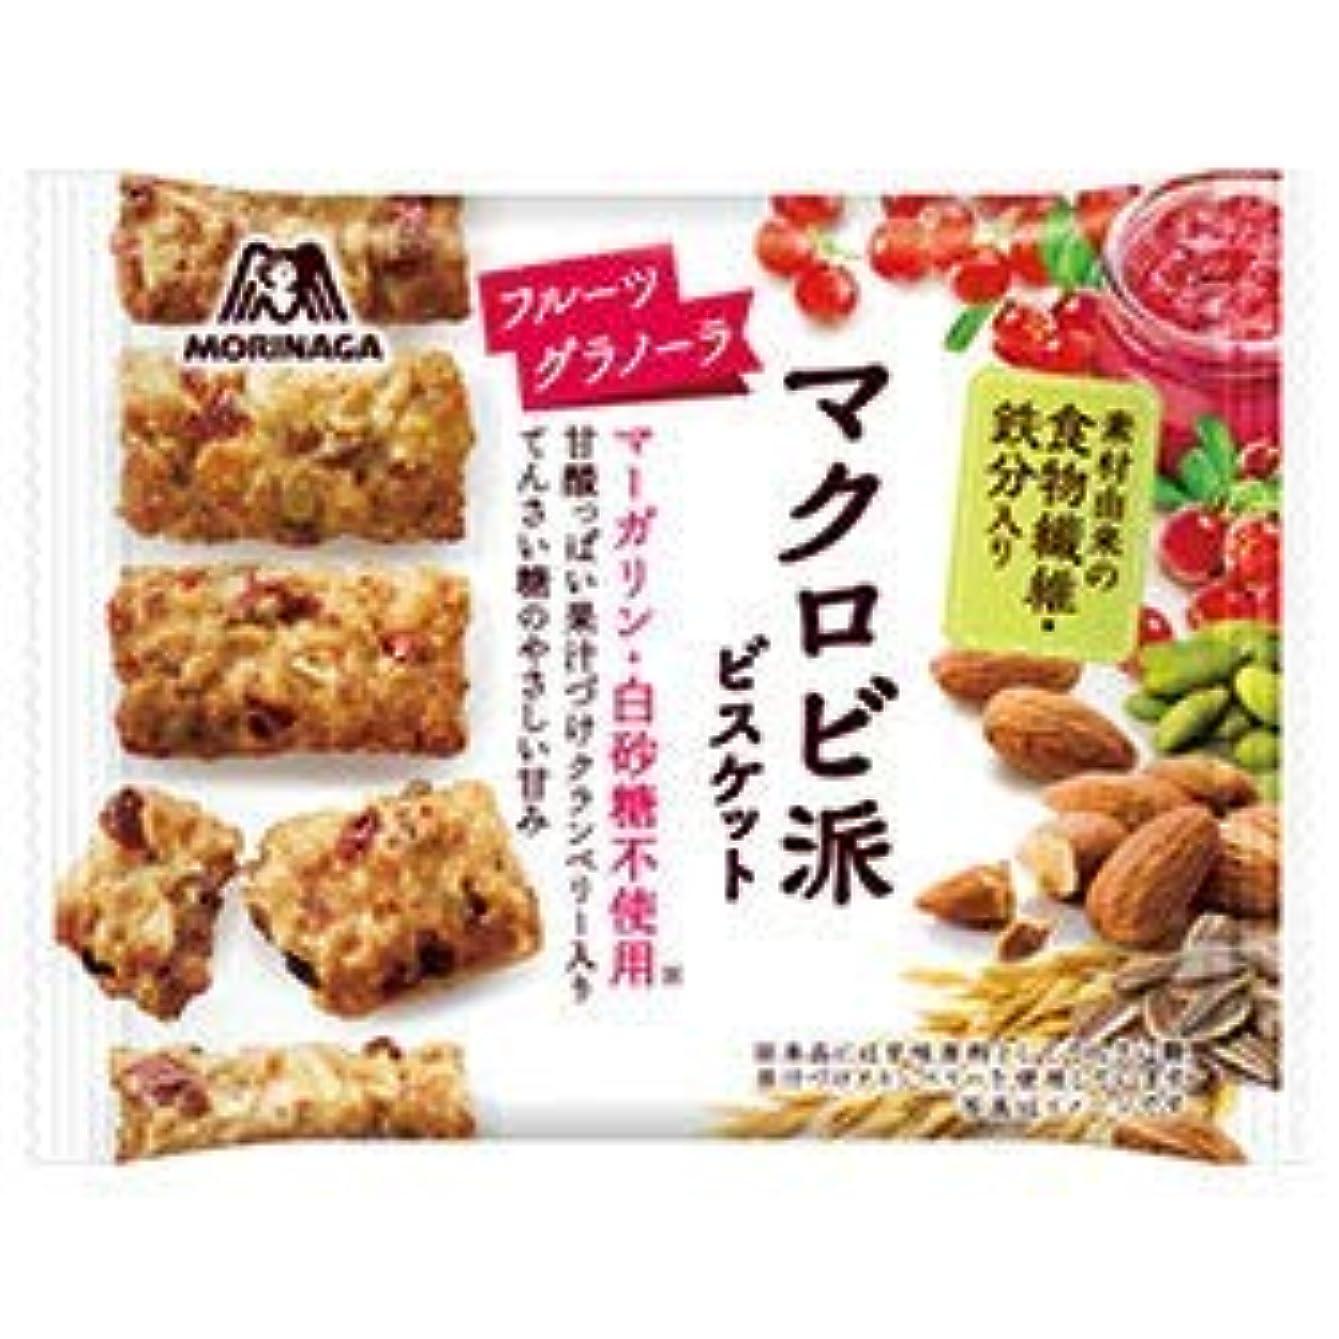 森永製菓 マクロビ派ビスケット フルーツグラノーラ 72個セット